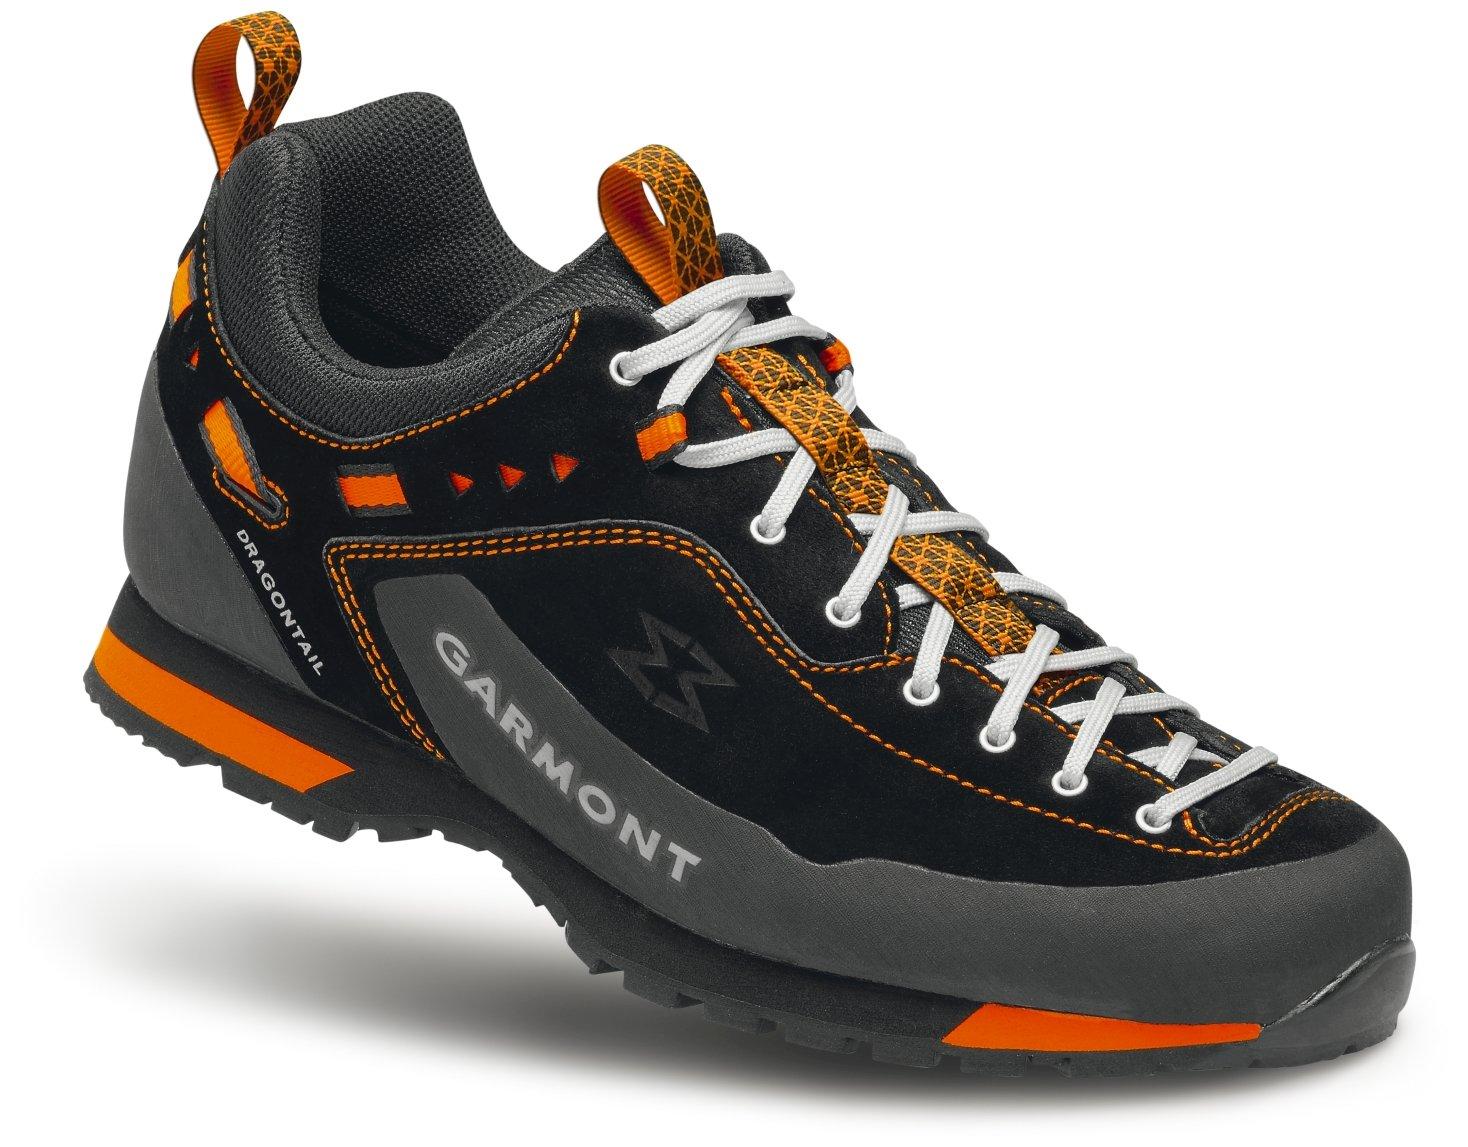 Garmont Men's Dragontail LT Approach Training Shoes B00TJ034IM 11 D(M) US|Black/Orange